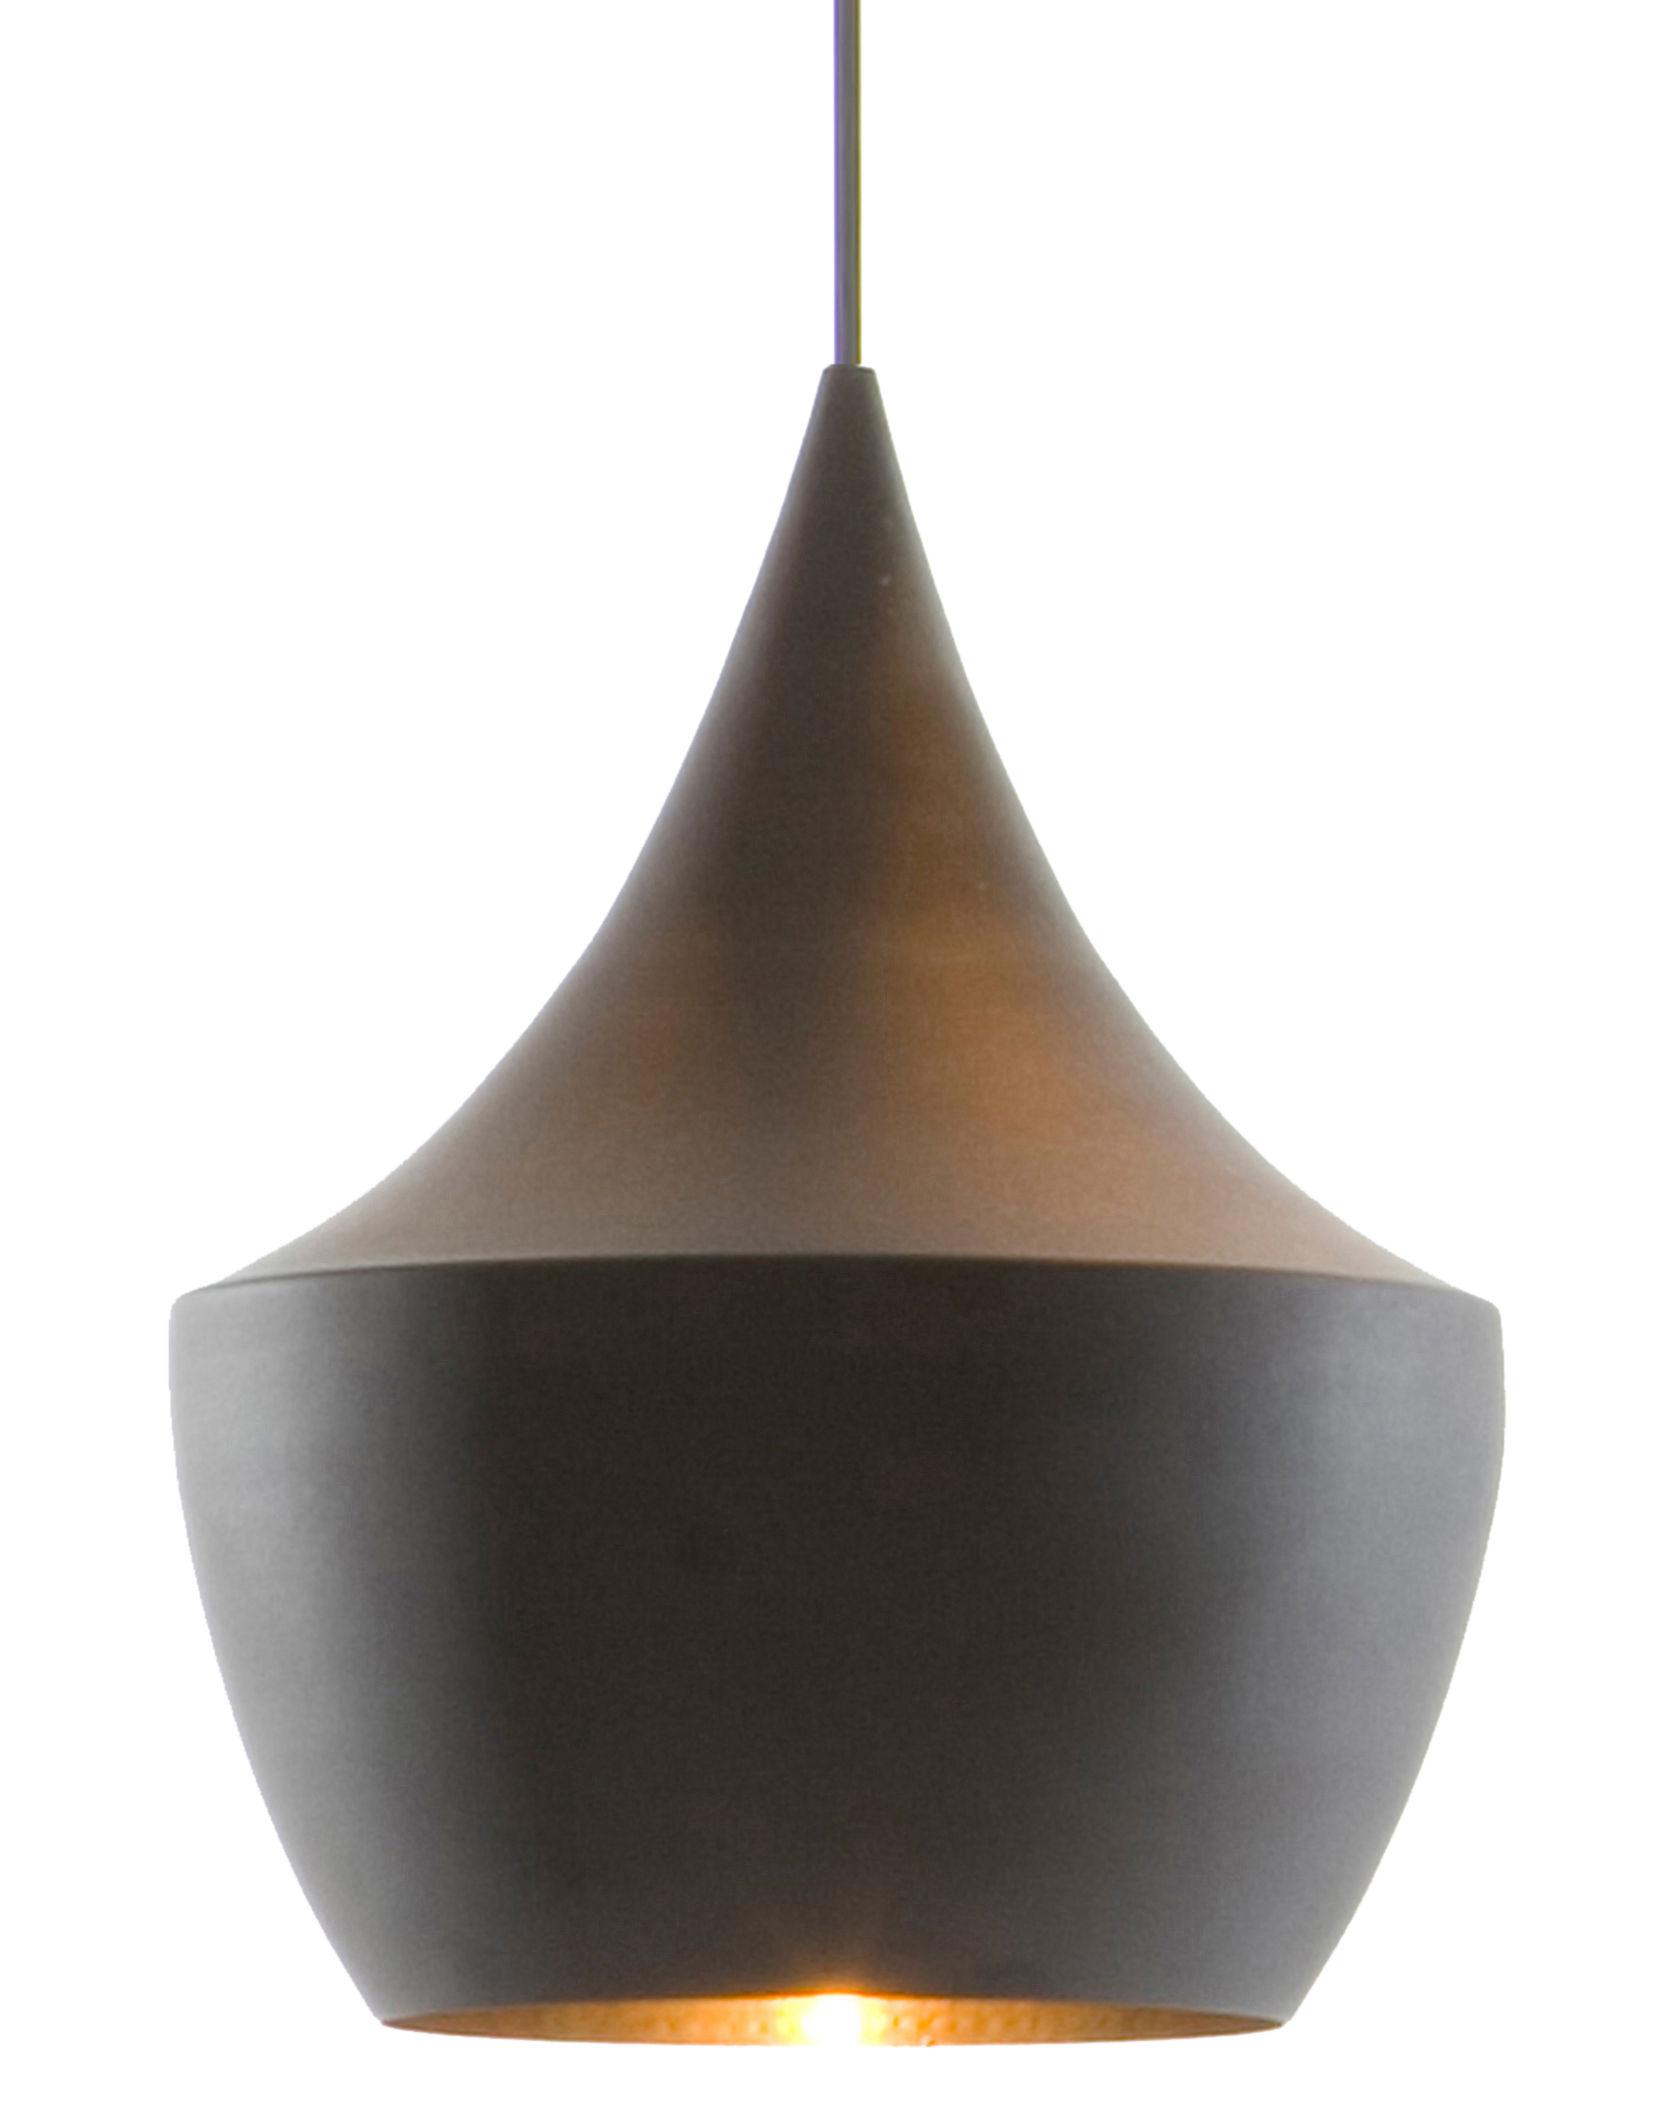 Luminaire - Suspensions - Suspension Beat Fat / Ø 24 cm x H 30 cm - Tom Dixon - Noir / intérieur doré - Laiton